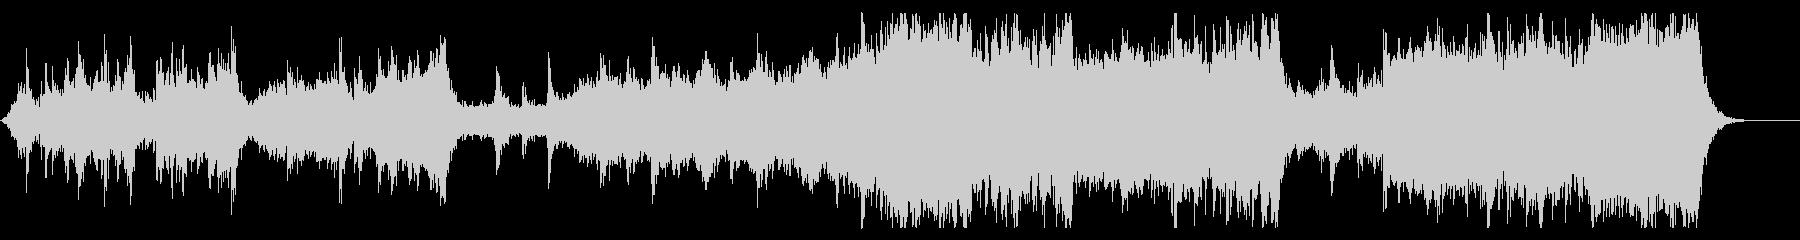 シネマティックなアンビエントテクスチャーの未再生の波形